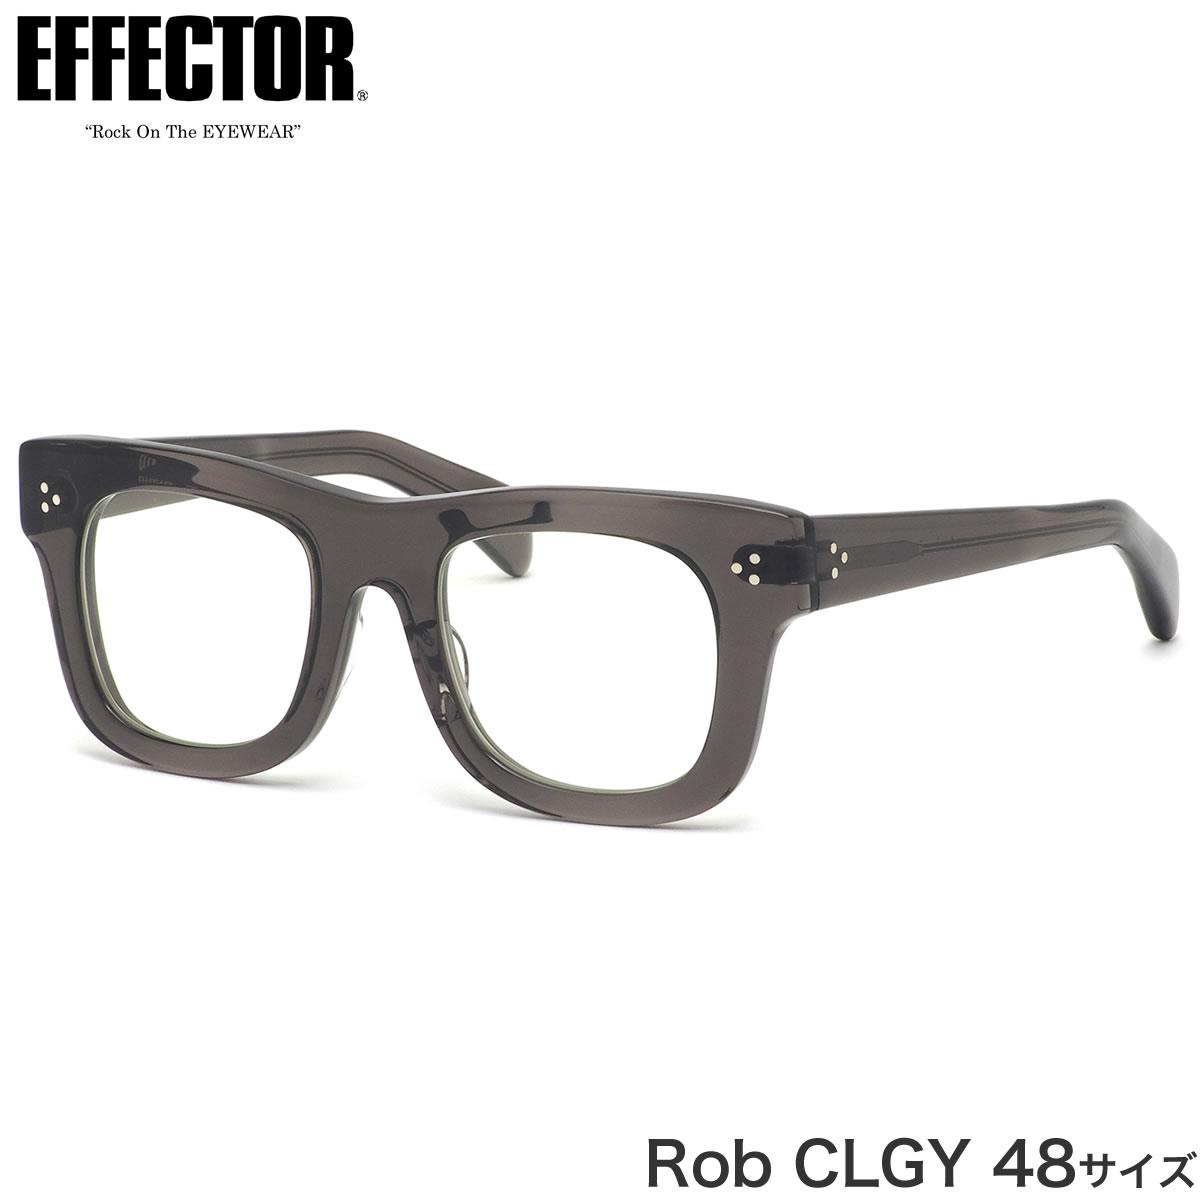 エフェクター EFFECTOR メガネ 伊達メガネセット Rob CLGY 48サイズ ロブ 6mm 肉厚 ダテメガネ made in Japan 日本製 鯖江 メンズ レディース